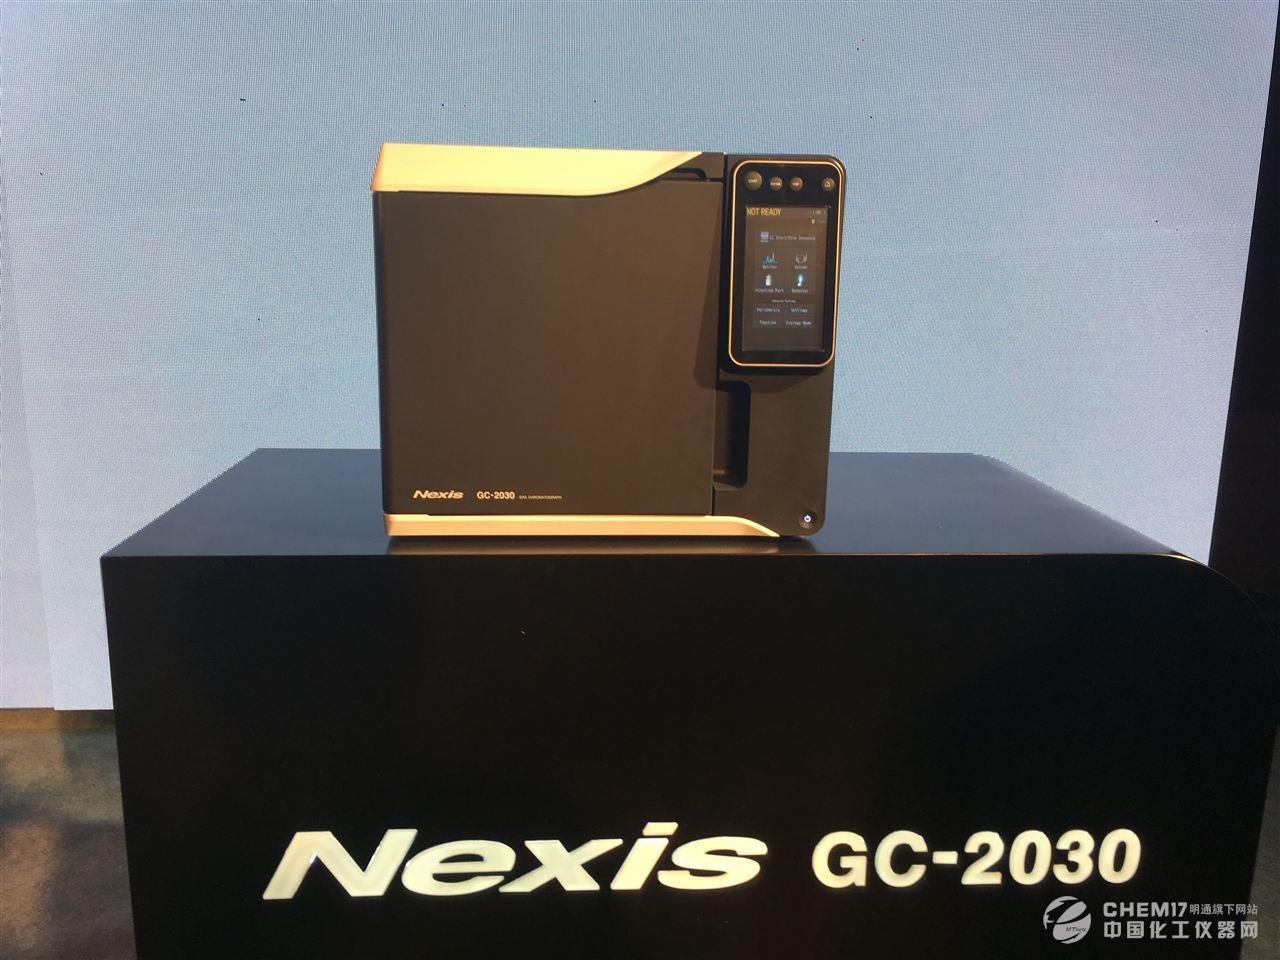 """岛津旗舰级气相新品""""nexis gc-2030""""全球首发"""